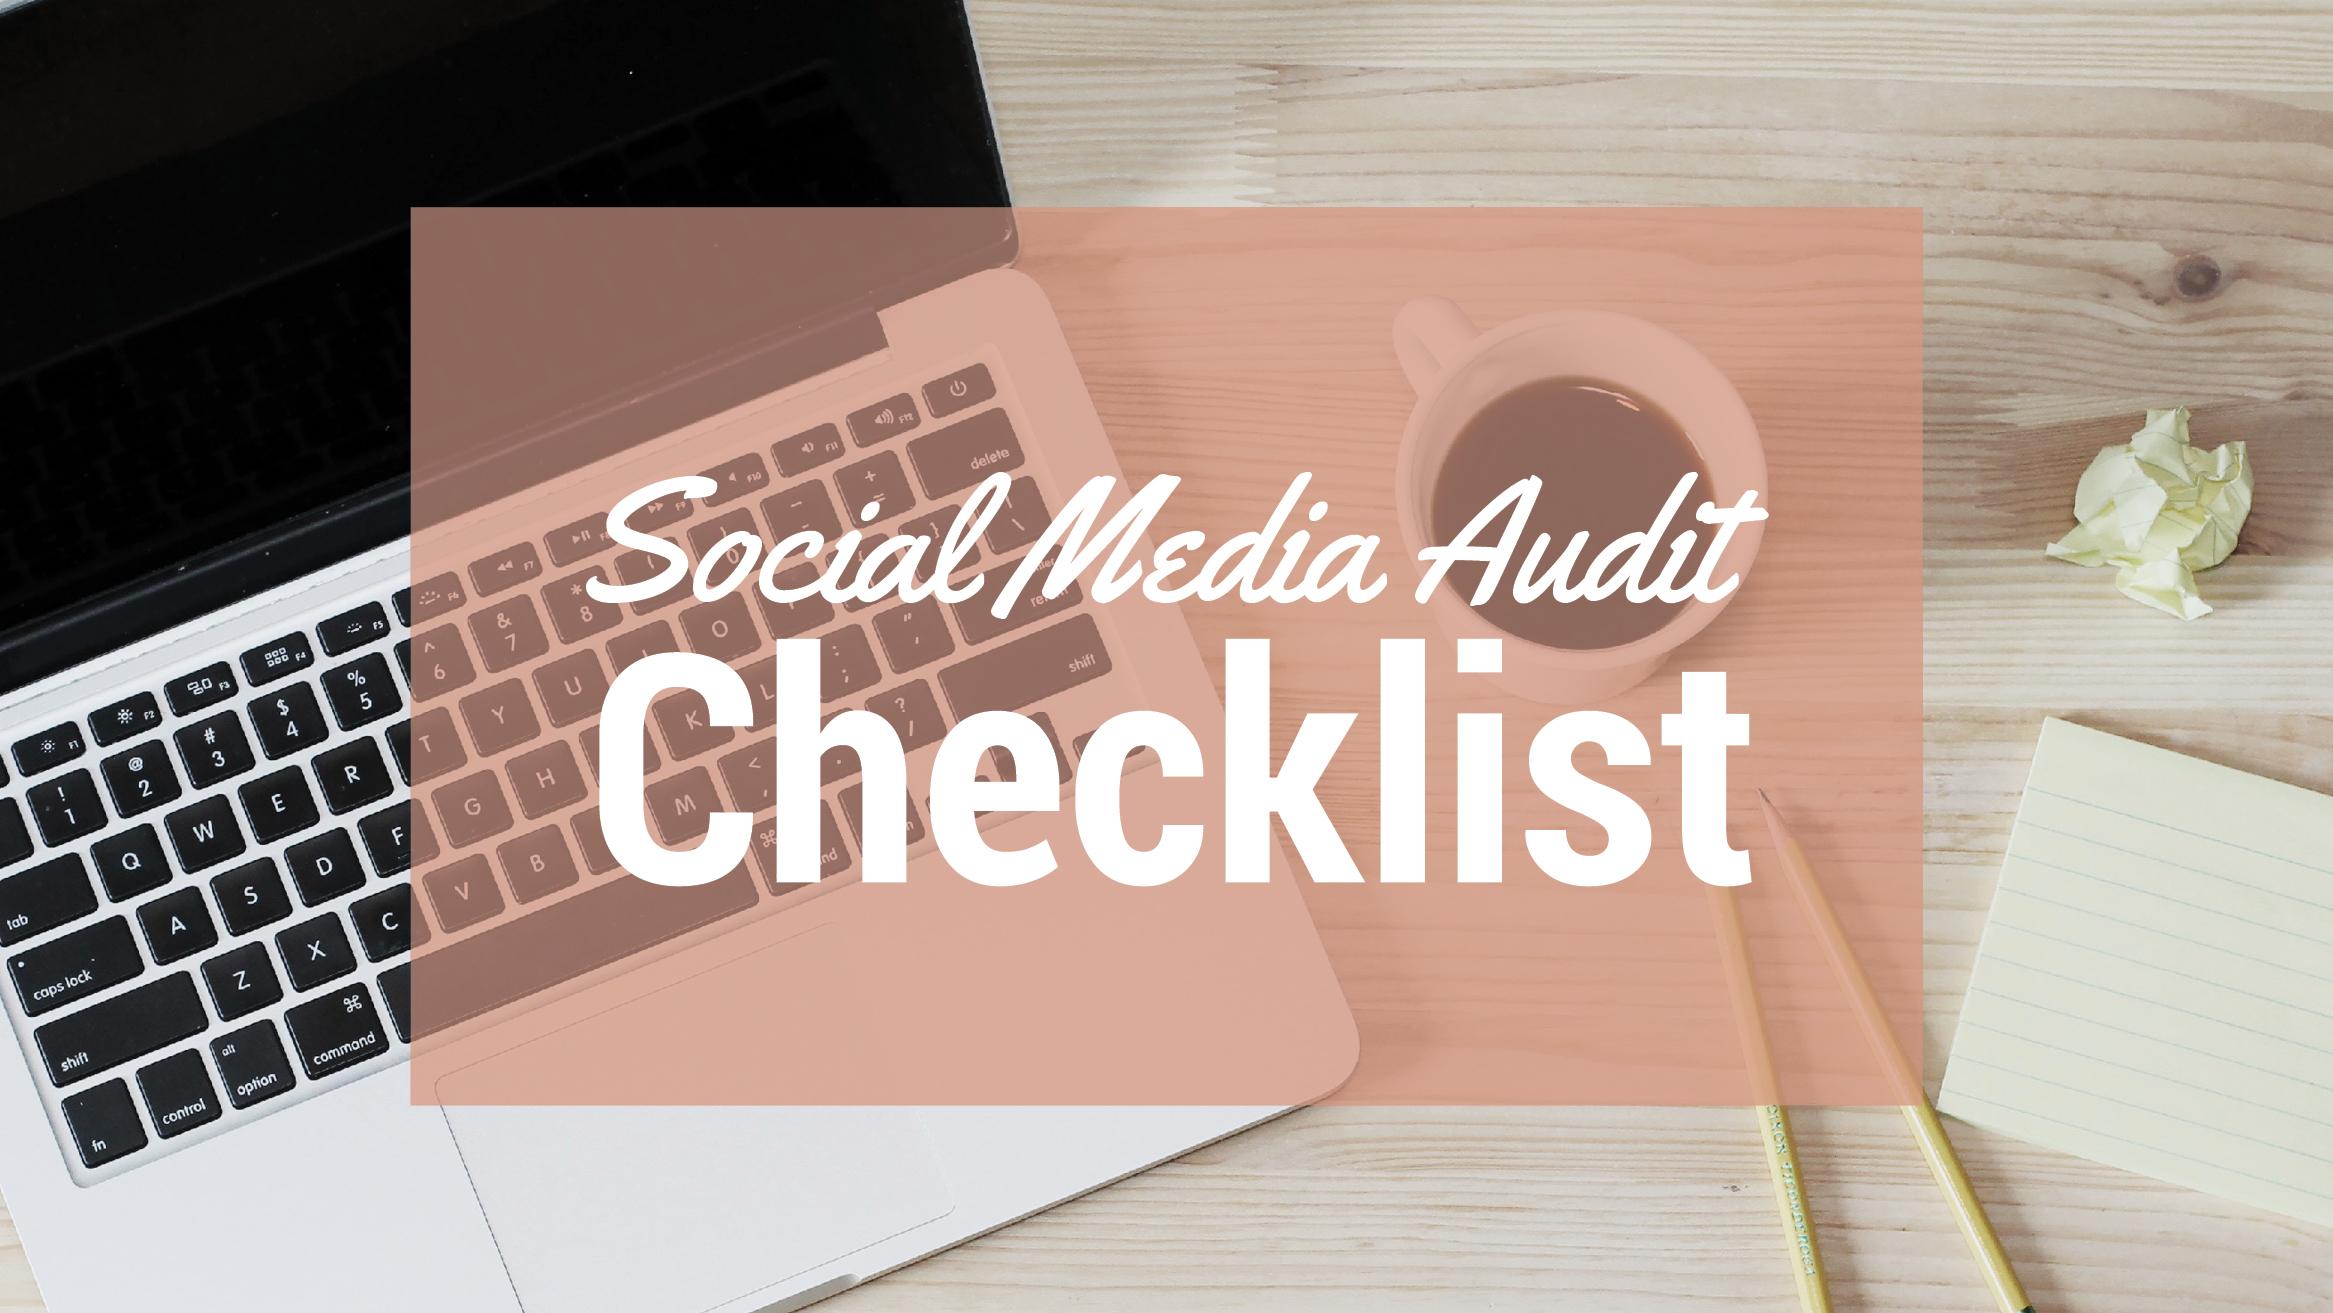 Social Media Audit Checklist Graphic Checkist Blog Header.jpg